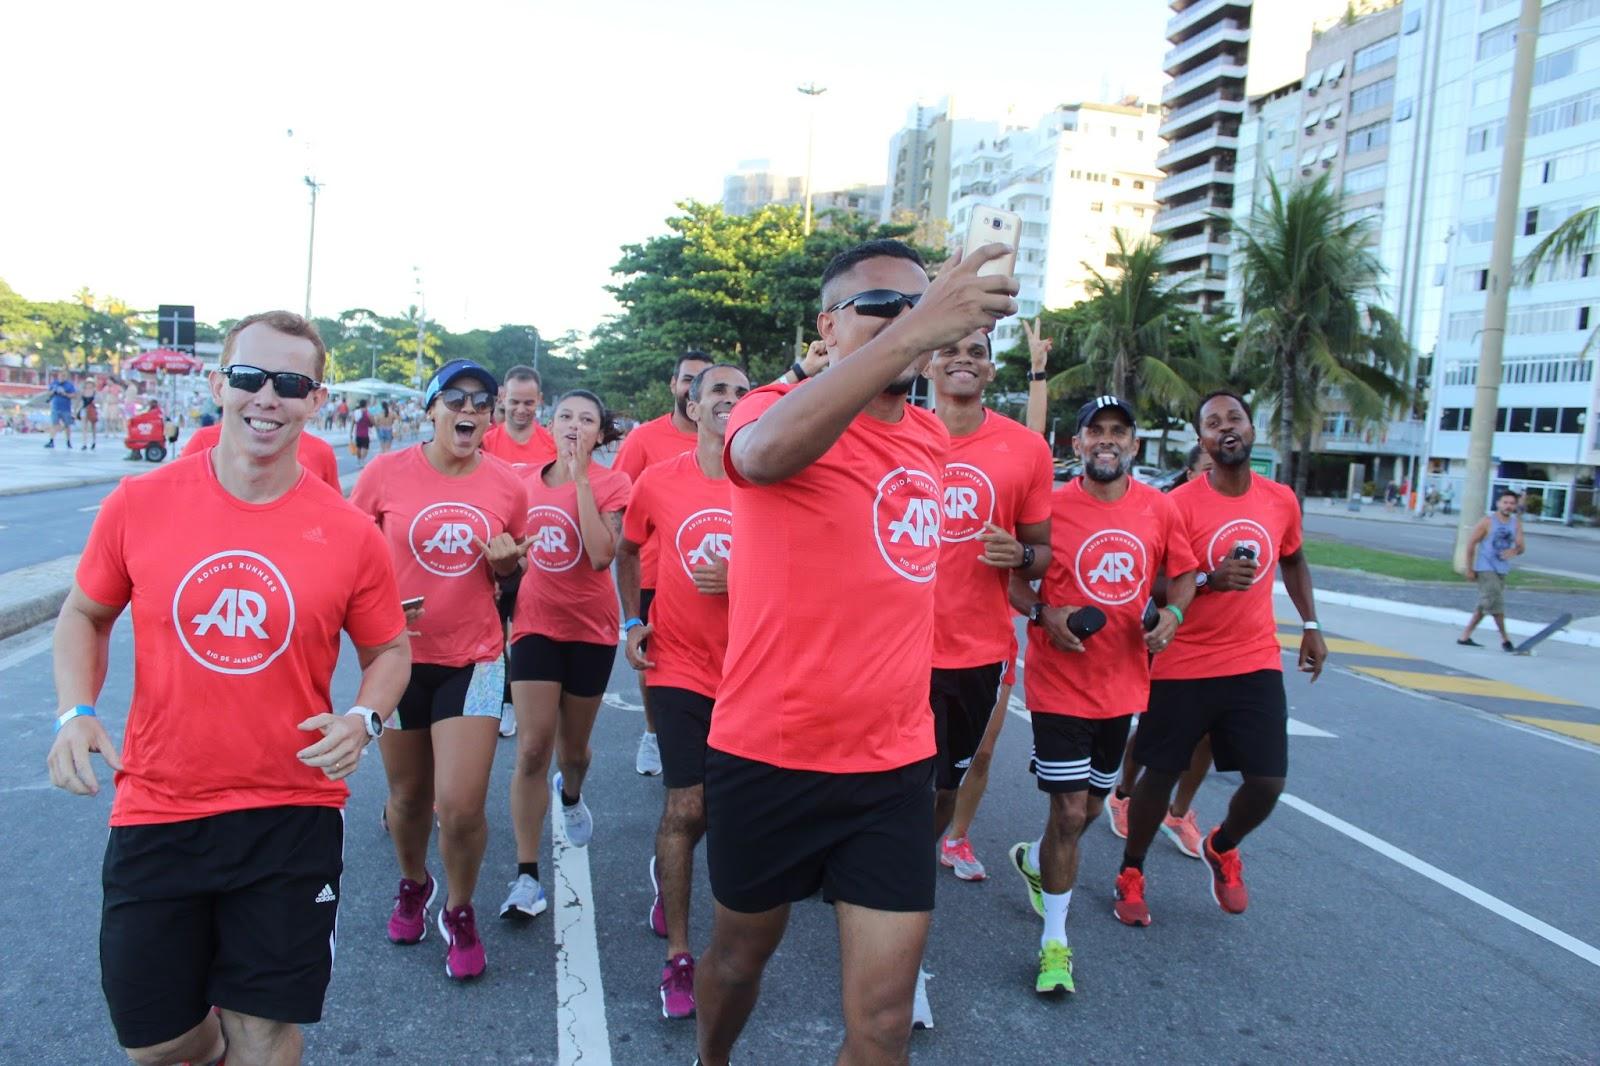 d46290ac0d1 Somos Adidas Runners - Correndo pelo Rio - Os melhores corredores do Rio de  Janeiro estão aqui